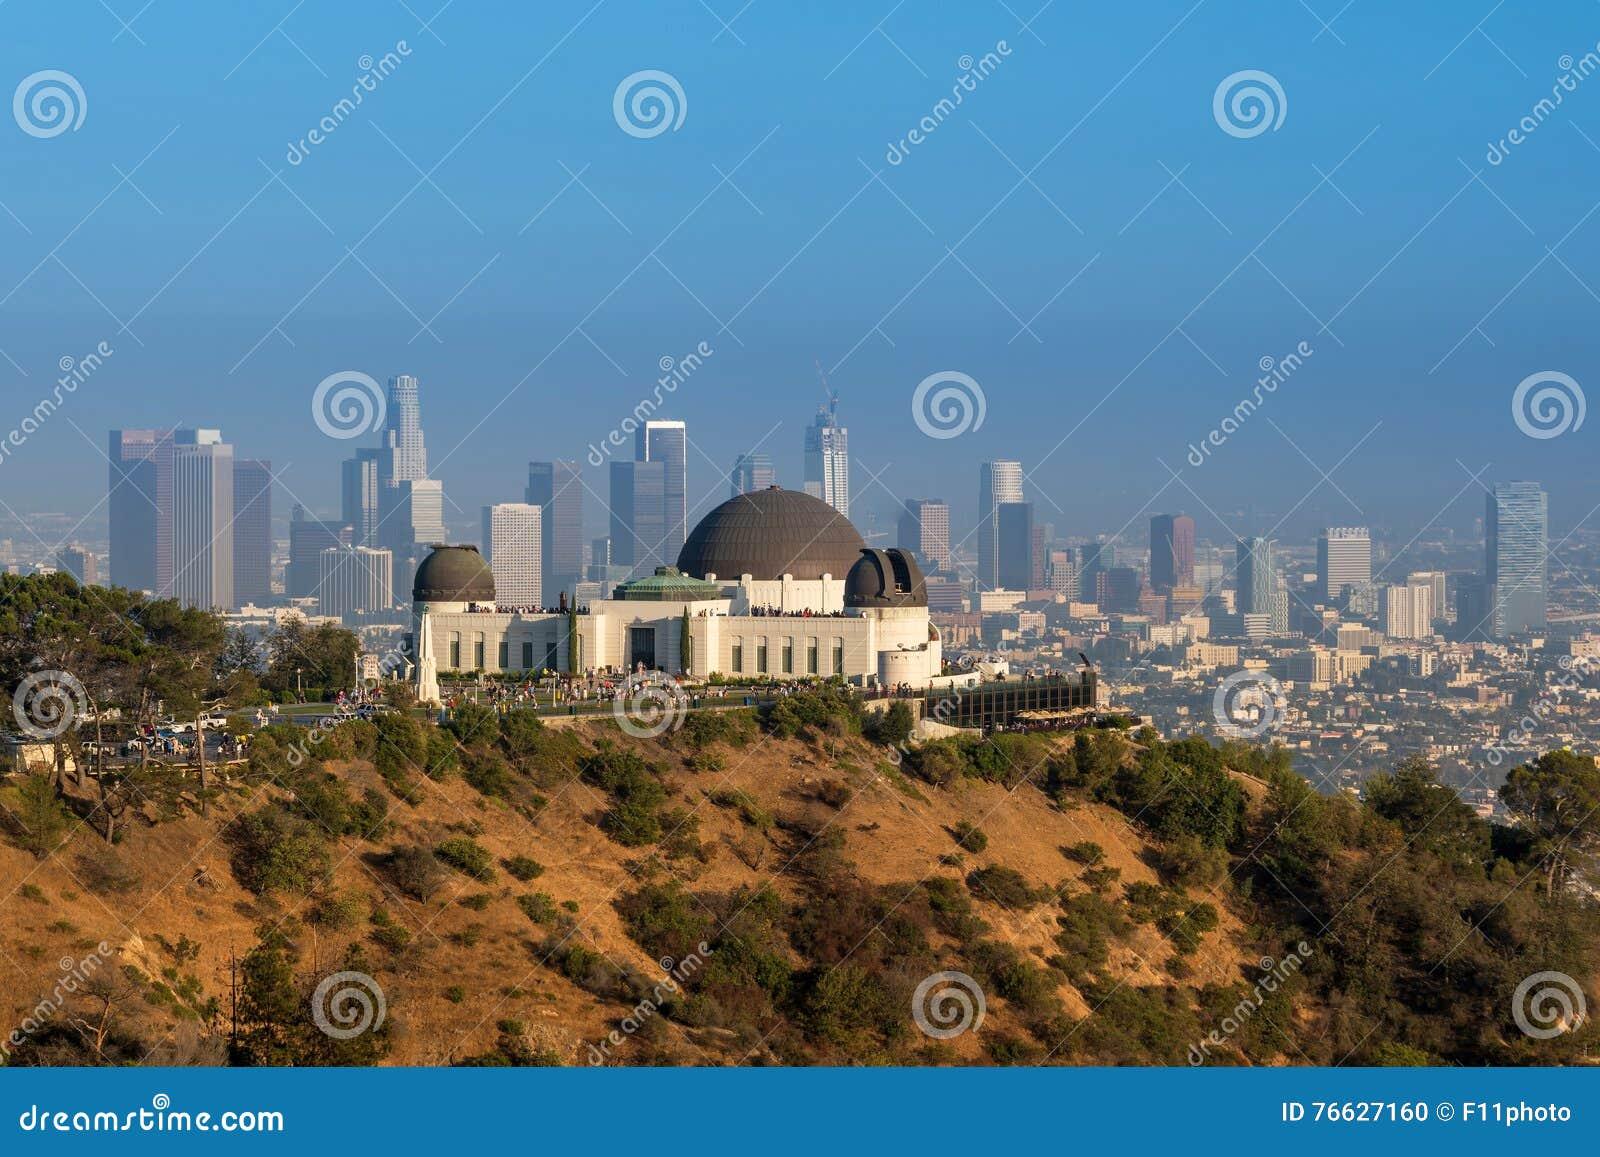 Griffith Observatory und im Stadtzentrum gelegenes Los Angeles in CA